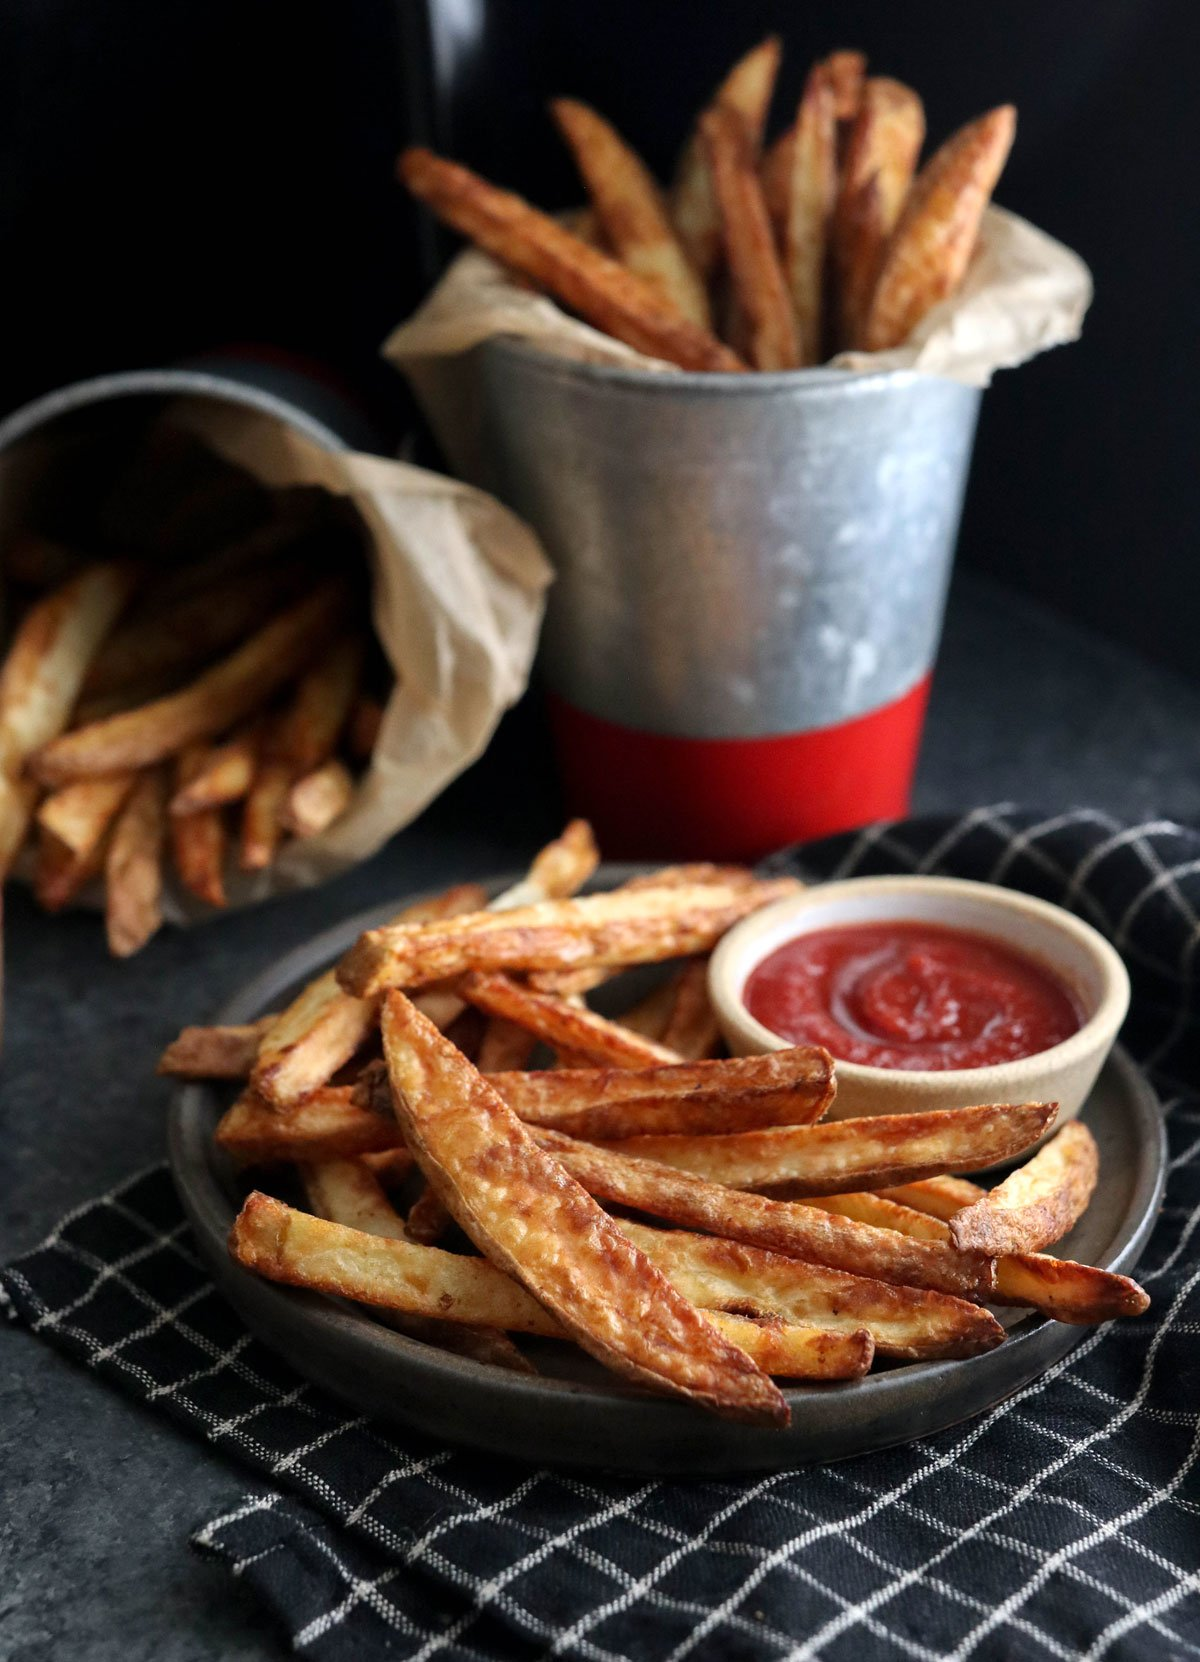 air fryer fries on black plate